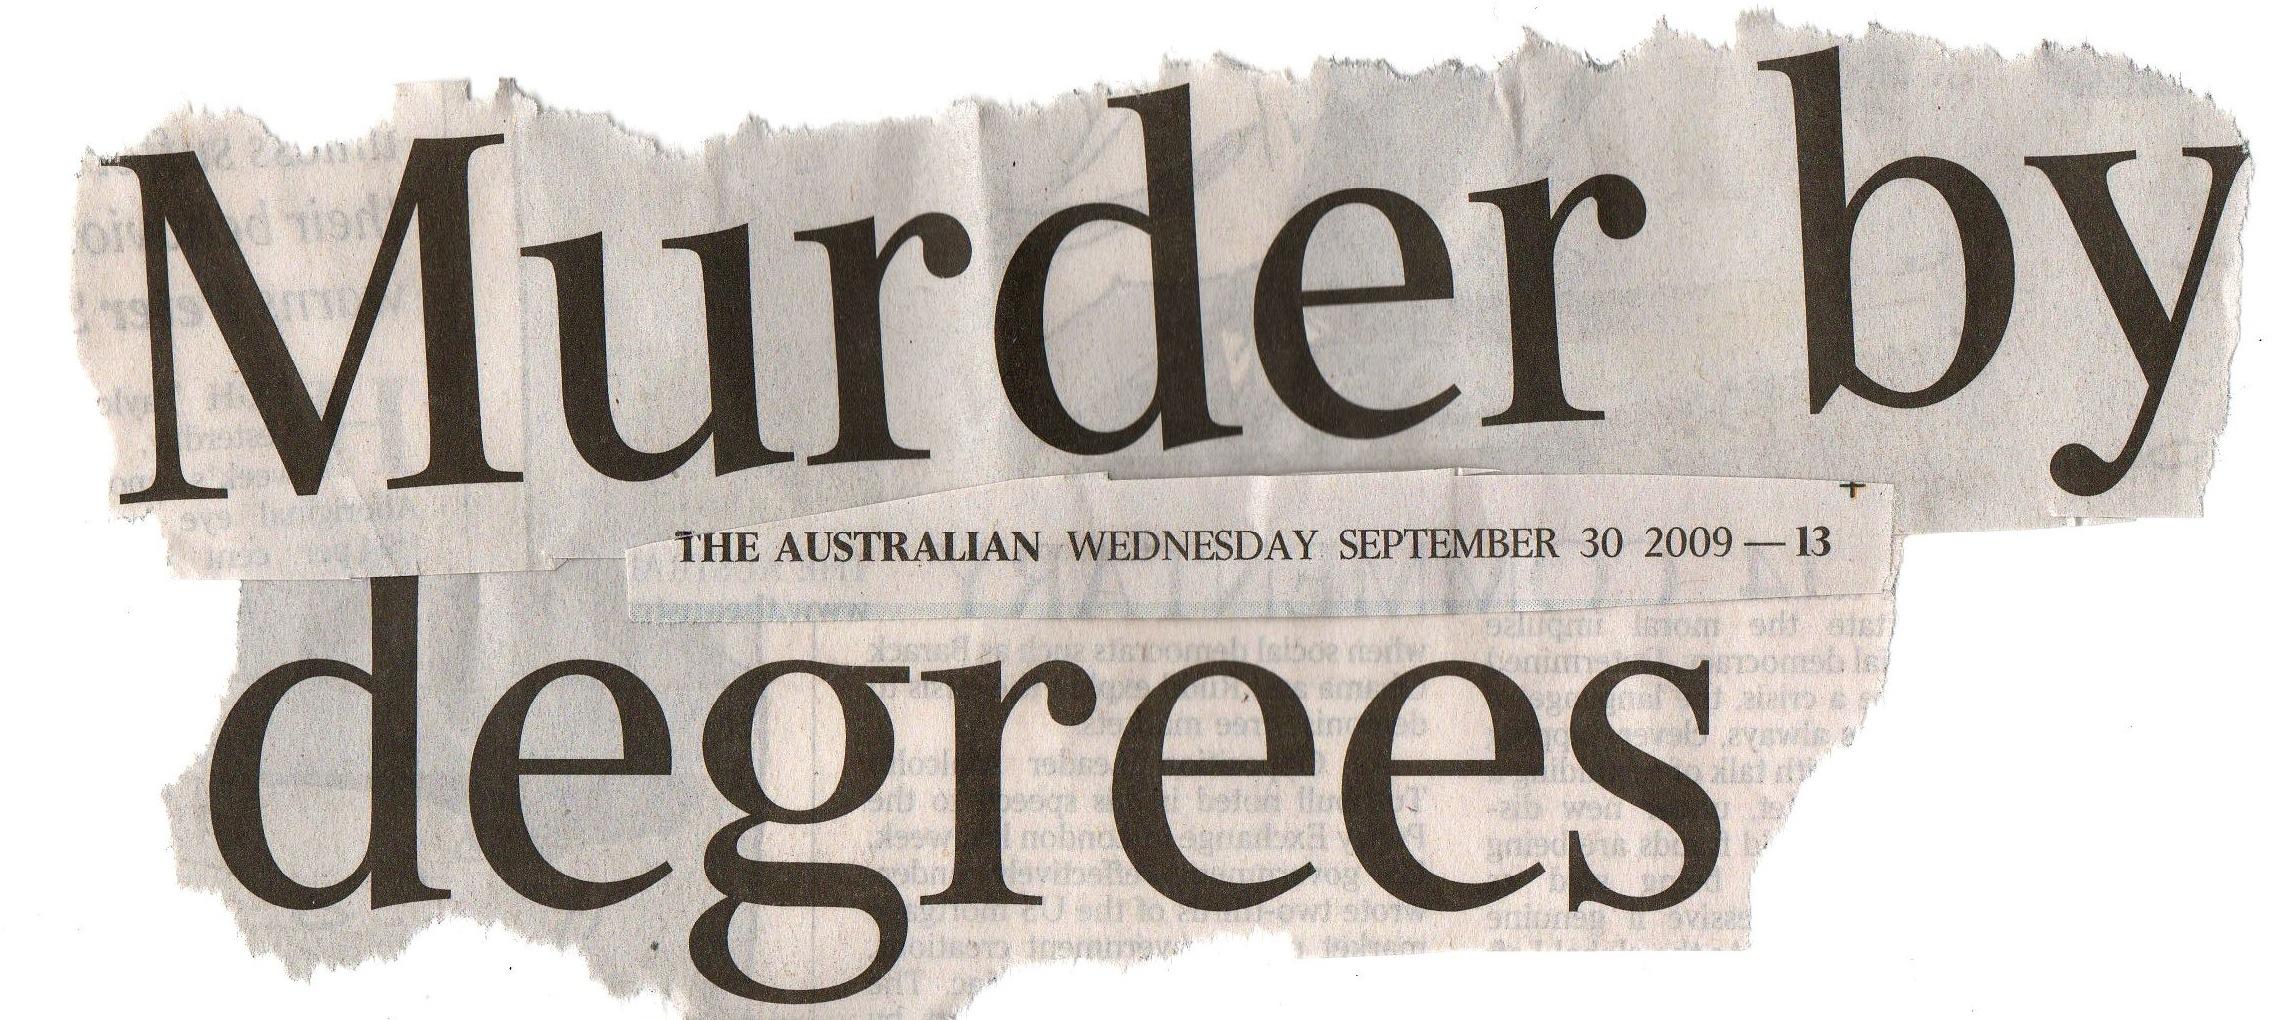 Murder Correction